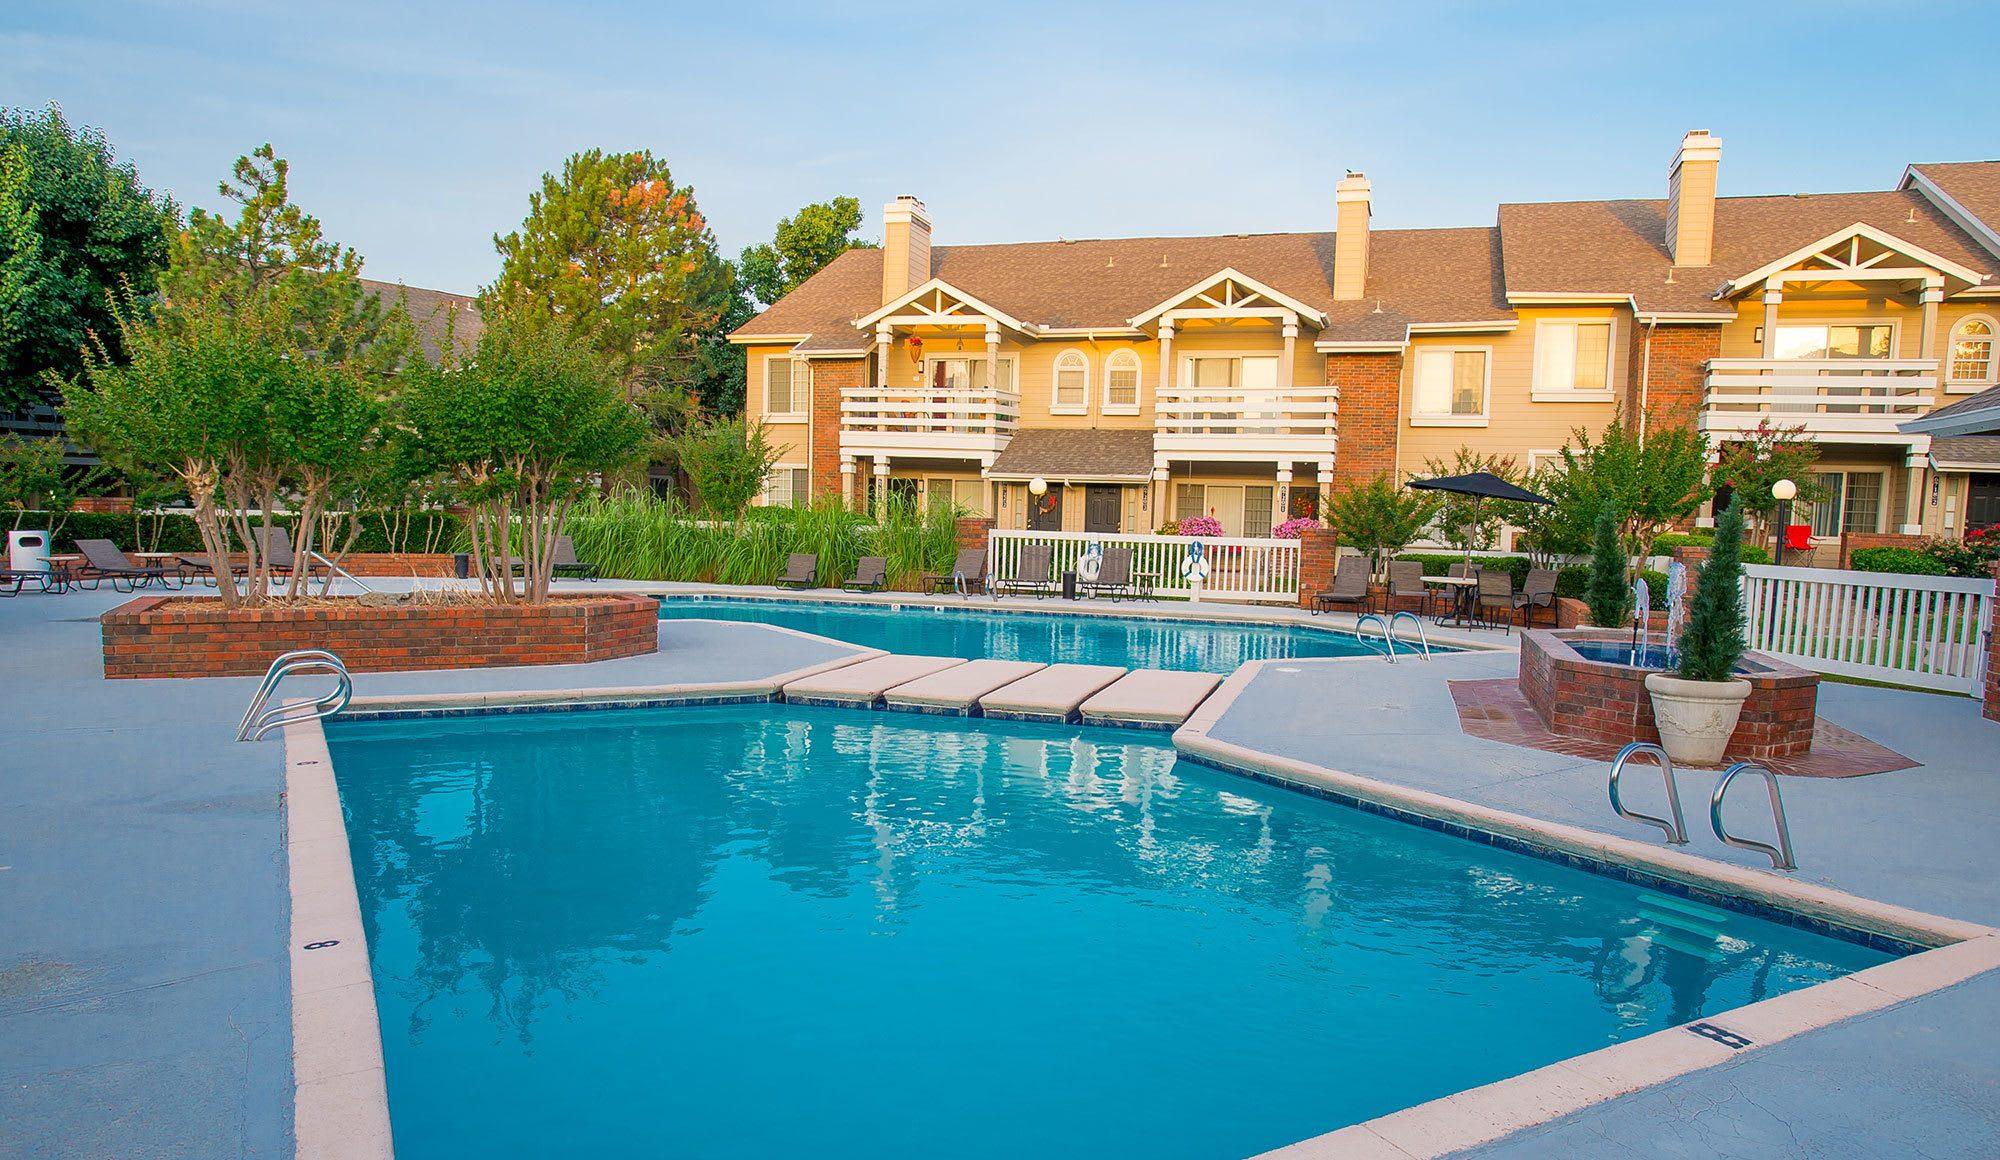 Swimming pool at tulsa apartments